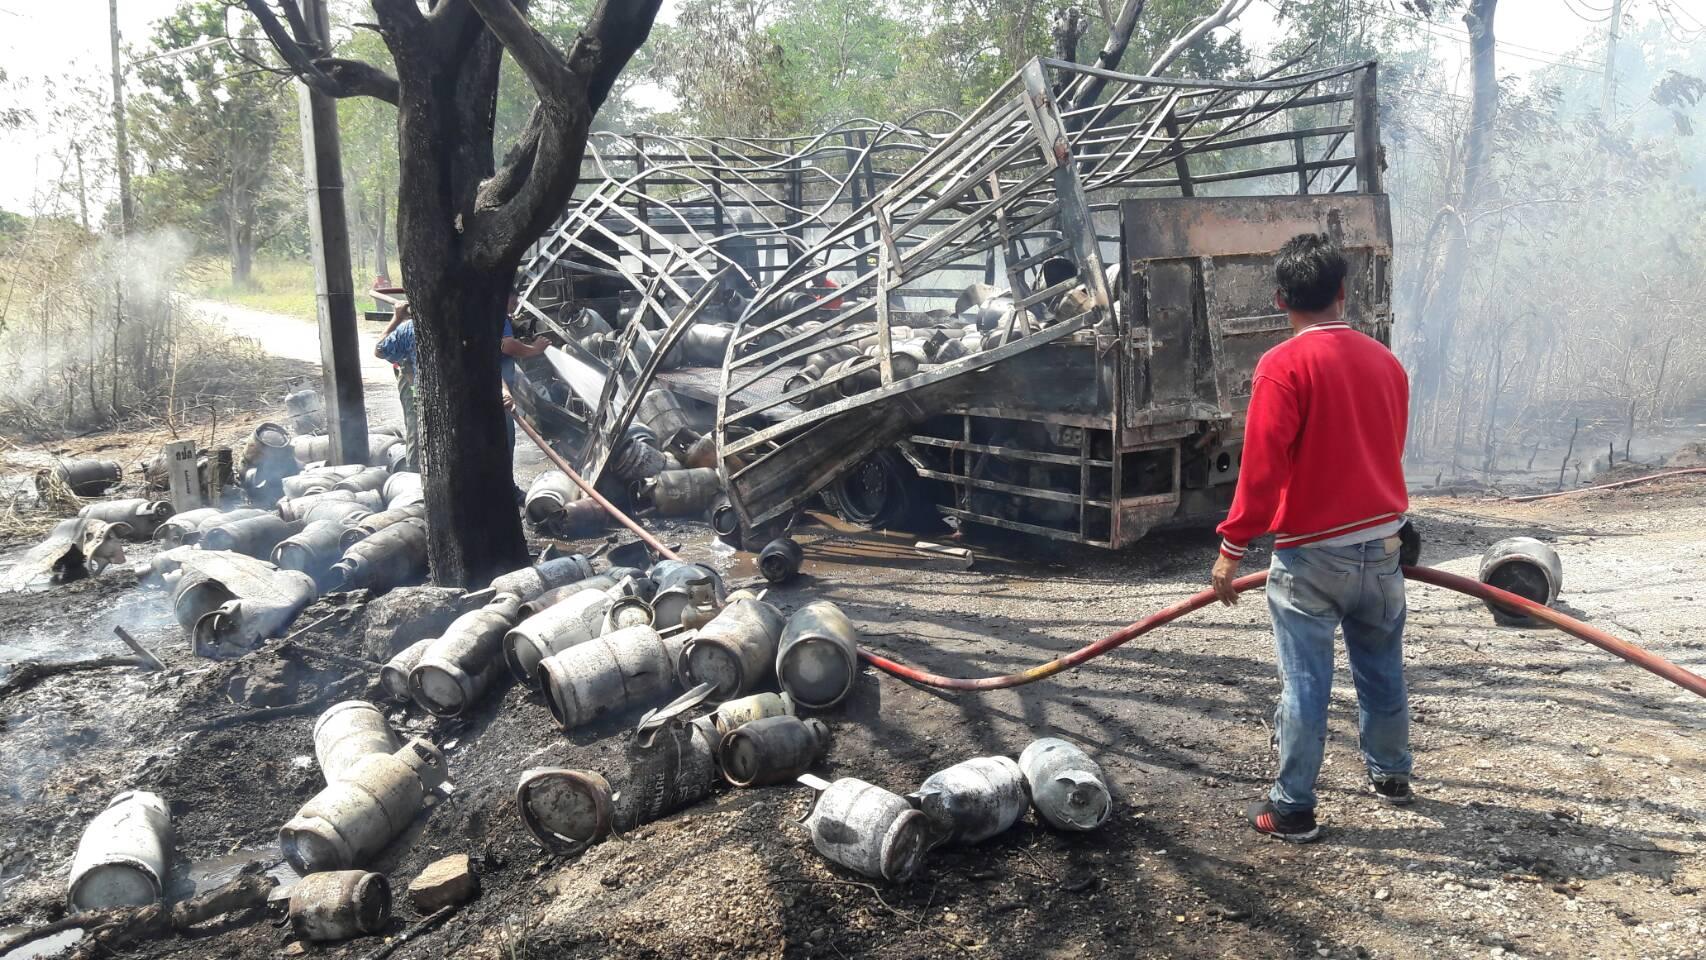 เกิดเหตุรถบรรทุกแก๊ส หุงต้ม 150 ถังระเบิดไฟลุกท่วมเป็นวงกว้าง